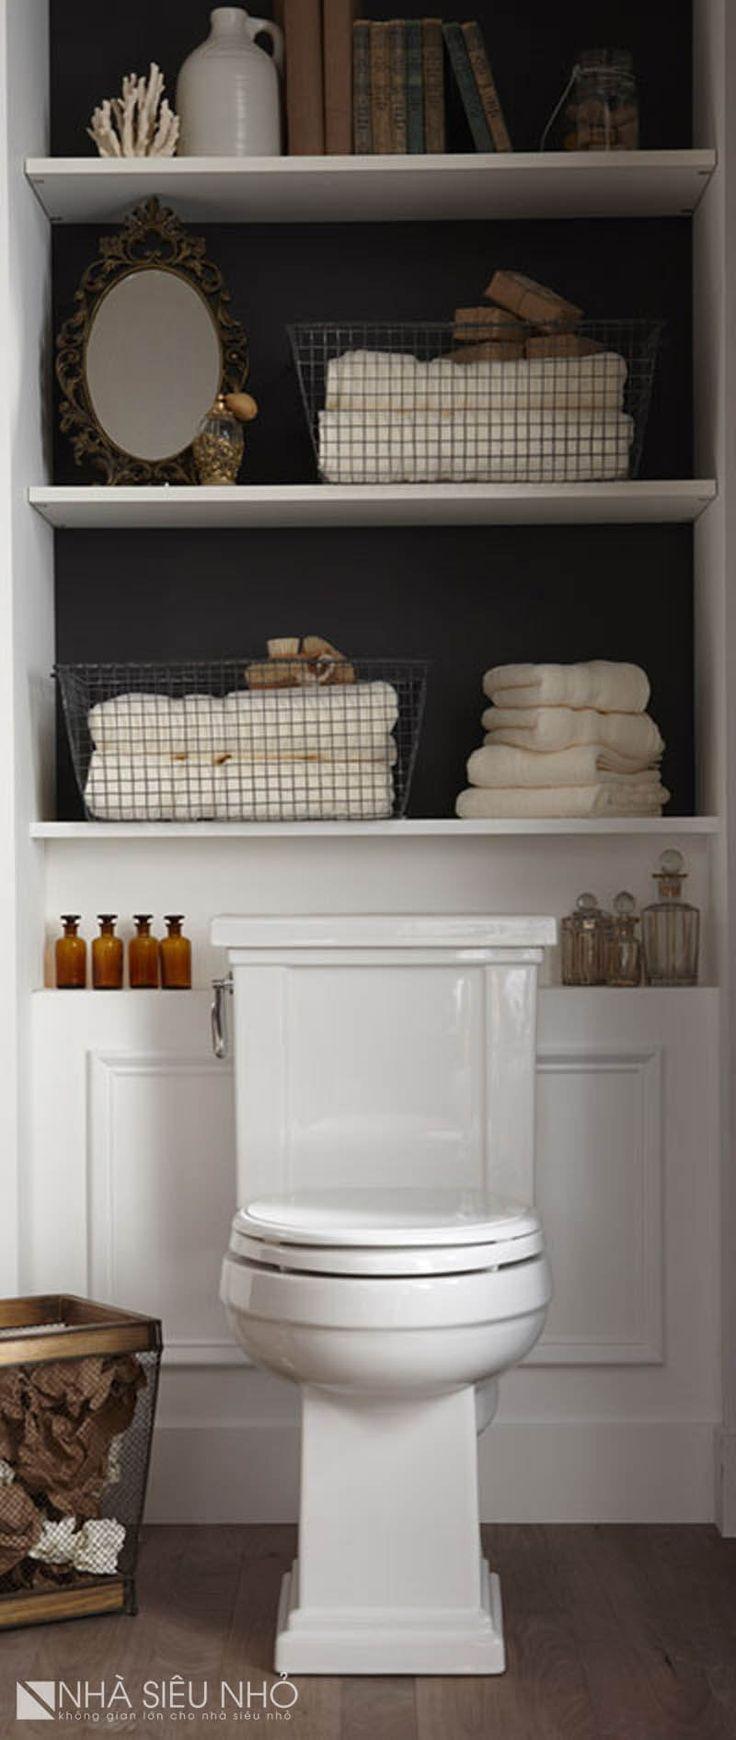 Installez une étagère derrière vos toilettes